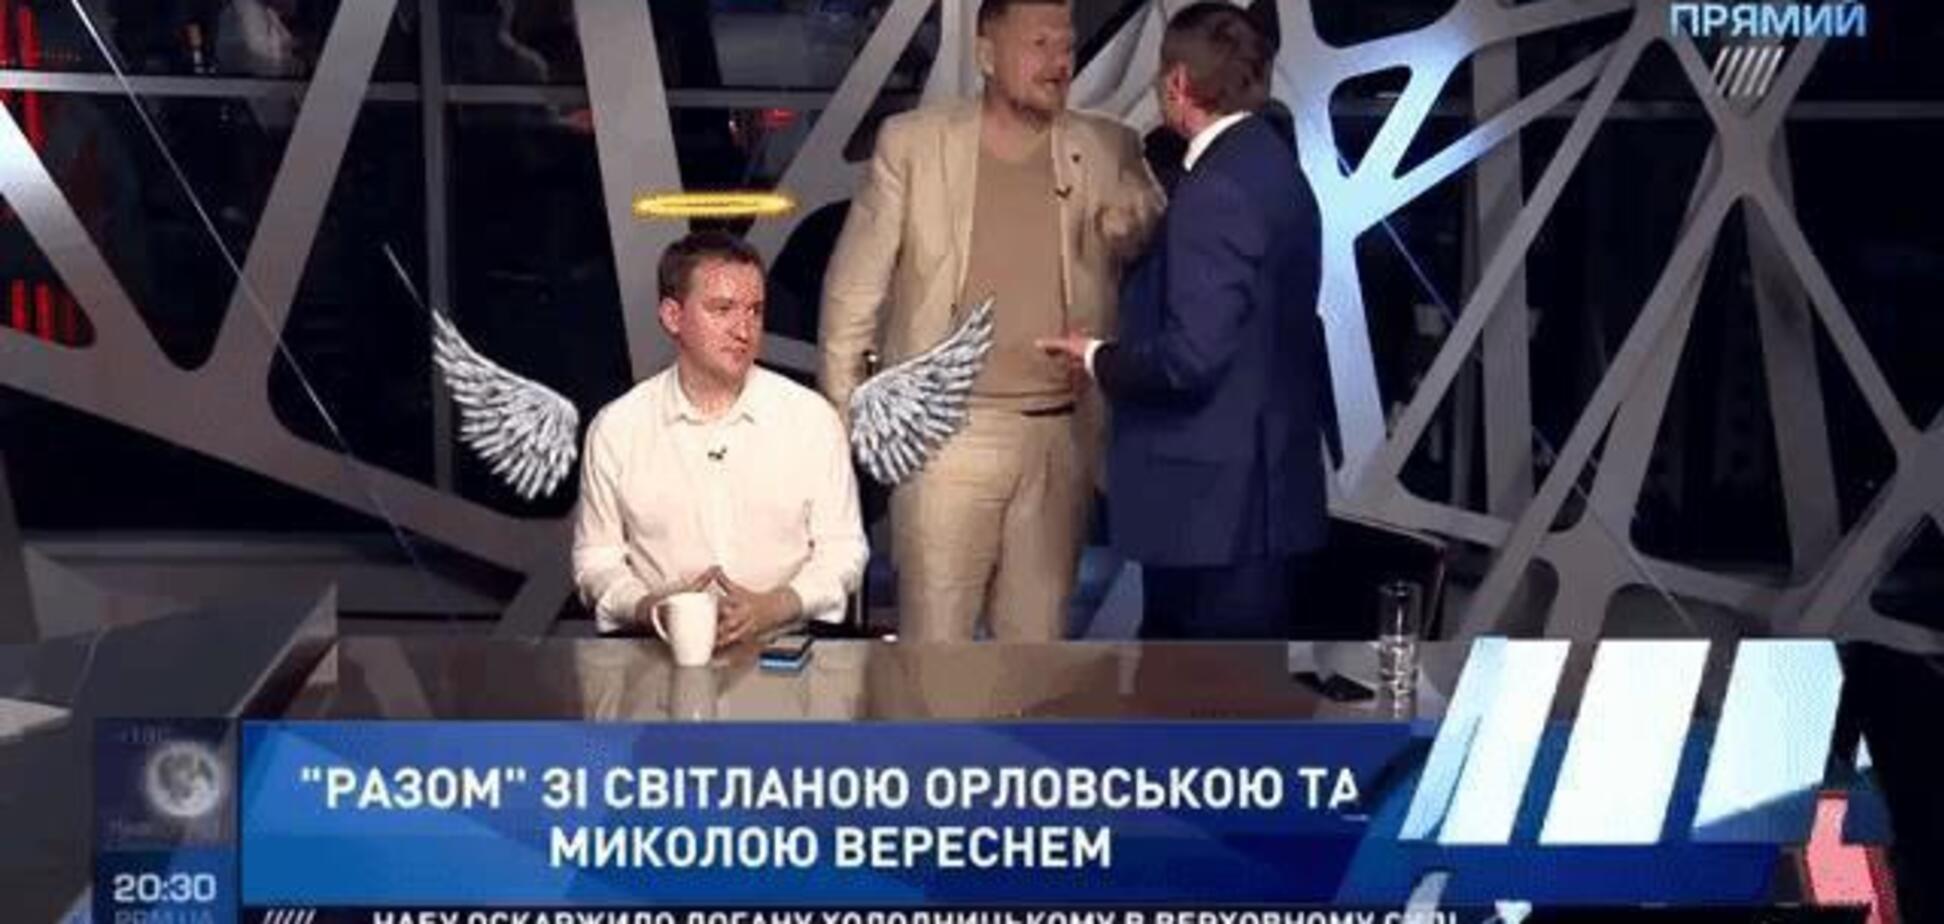 'Просто медитуй!' Мережа призначила 'героя' бійки нардепів на ТБ